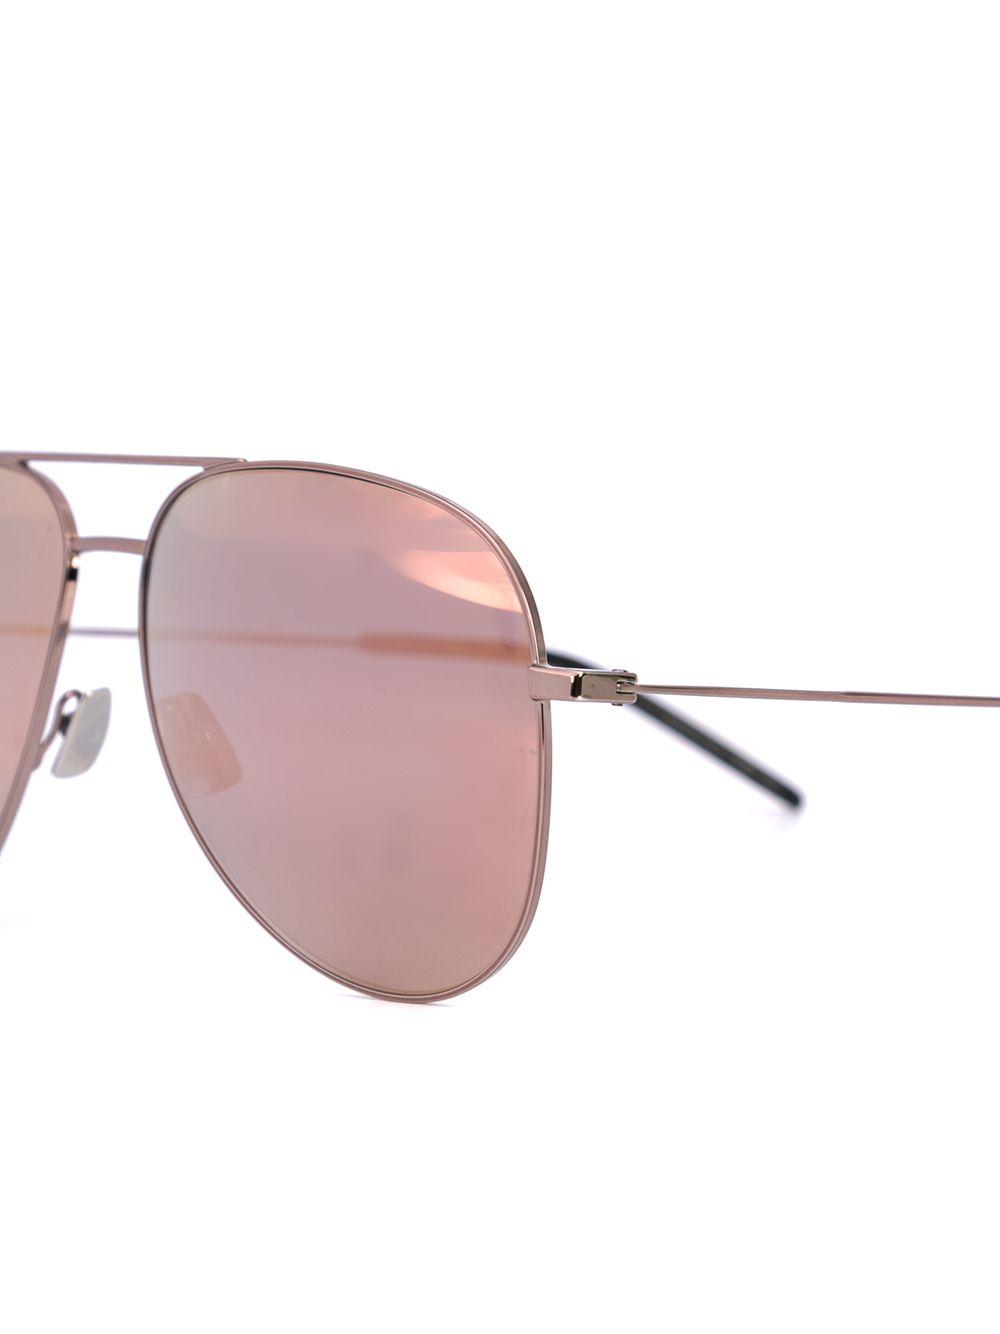 SAINT LAURENT | классические солнцезащитные очки-авиаторы | Clouty